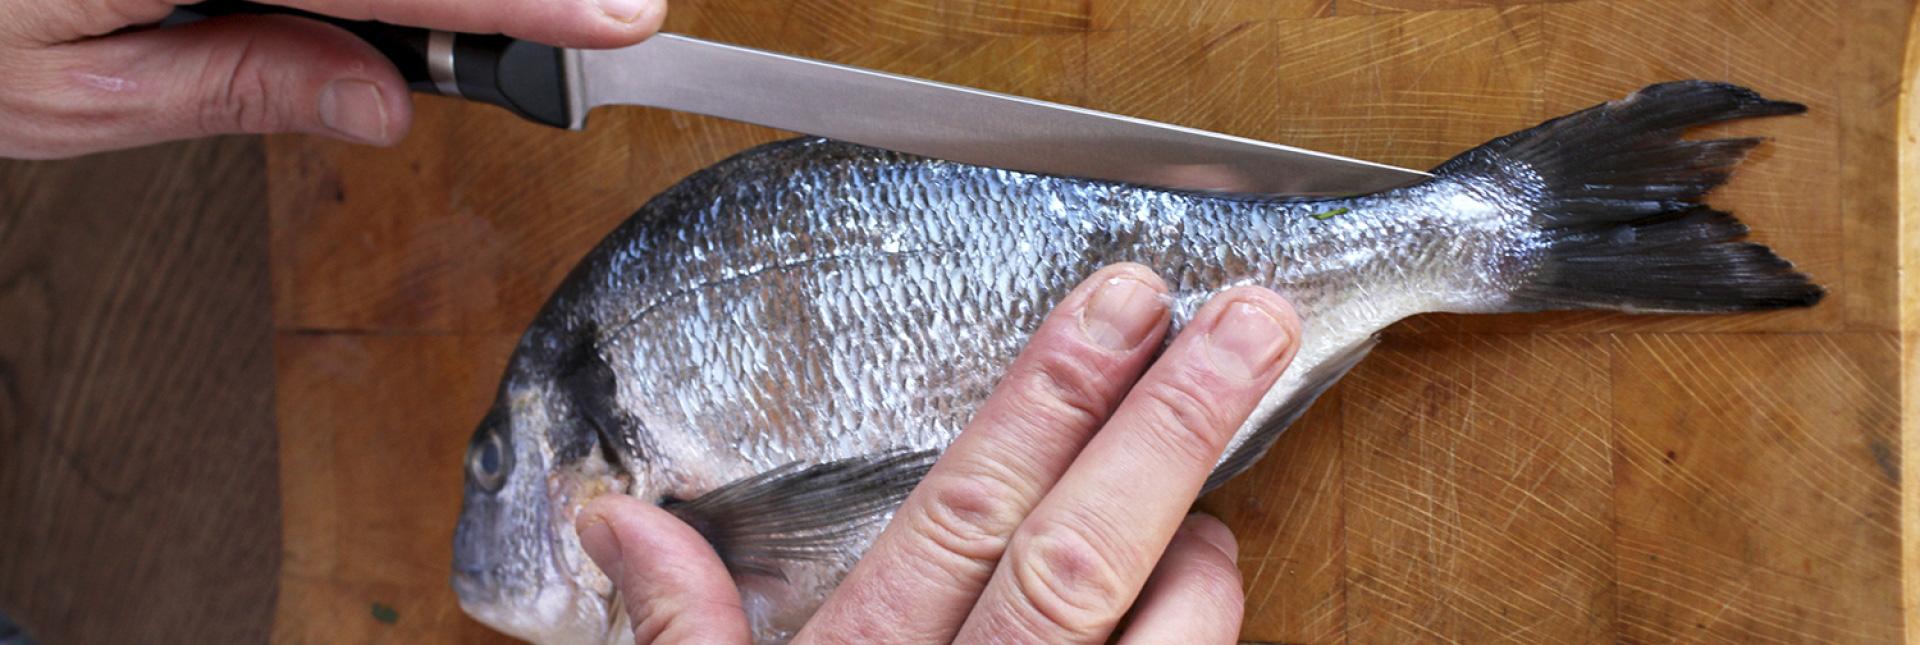 N°221: das Filet-MesserDie Produktpalette umfasst heute auch eine ganze Reihe an Küchenmessern, wie das Brotmesser N°216  Foto: opinel.com